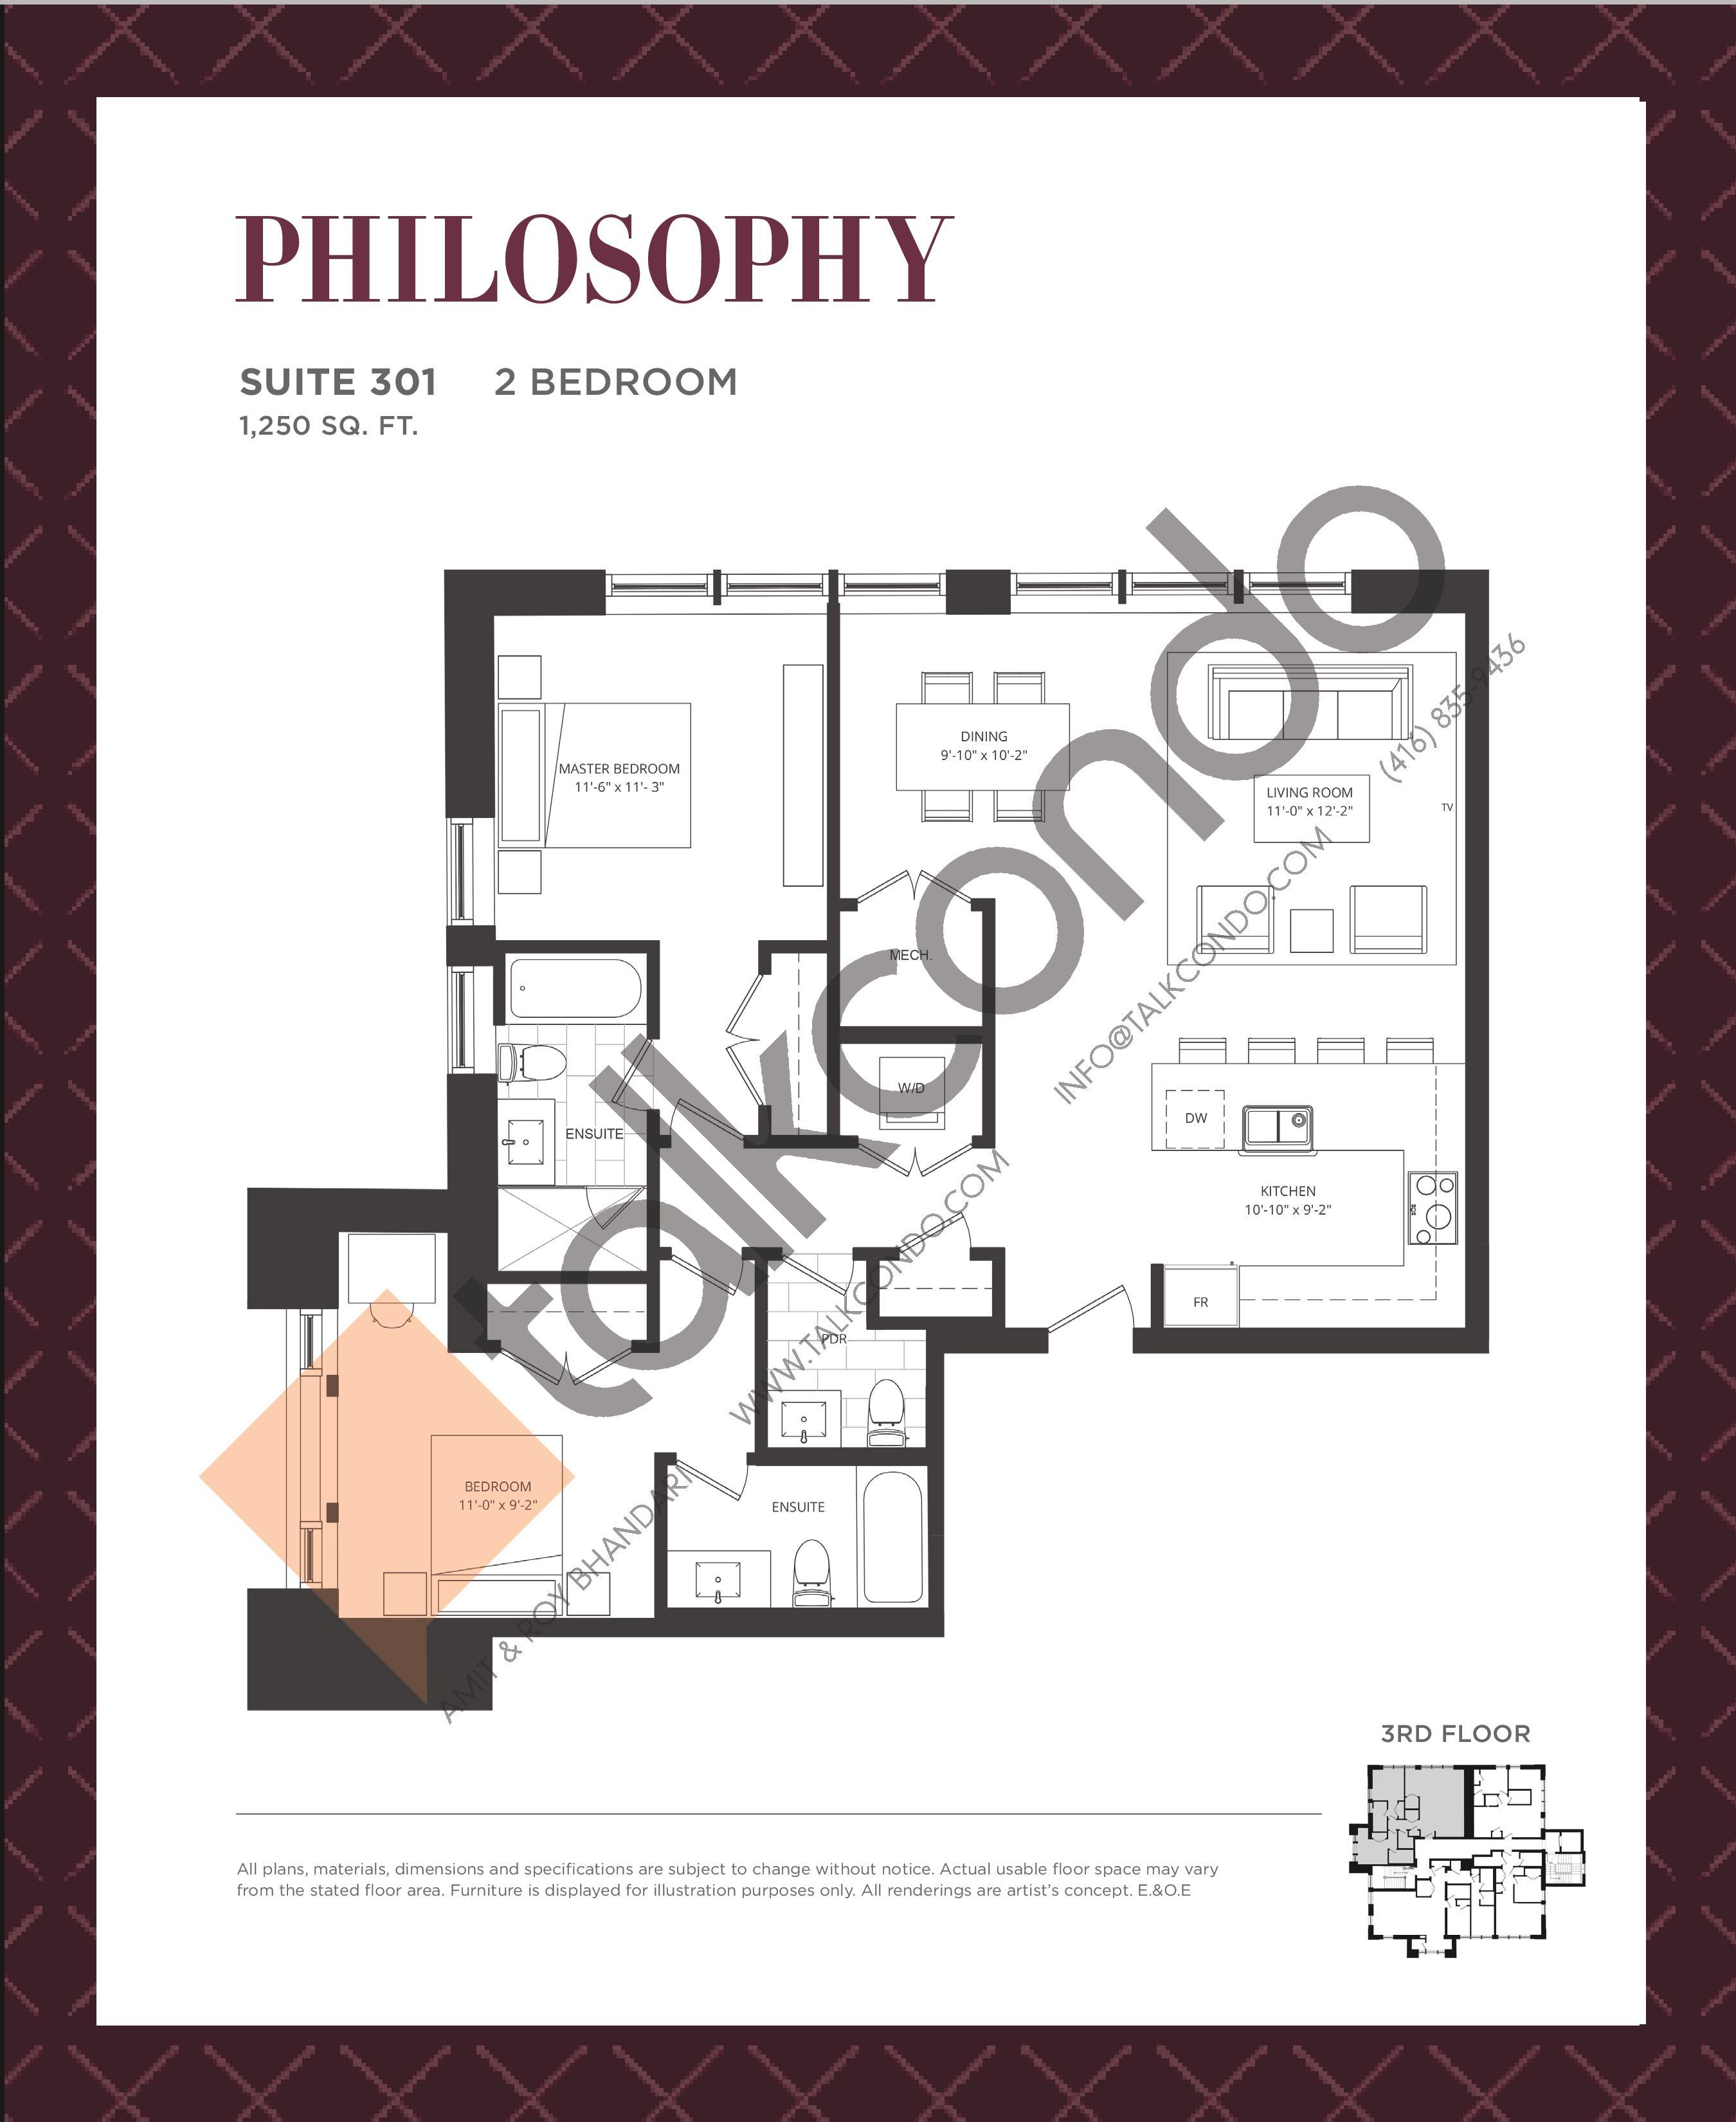 Philosophy Floor Plan at King George School Lofts & Town Homes - 1250 sq.ft